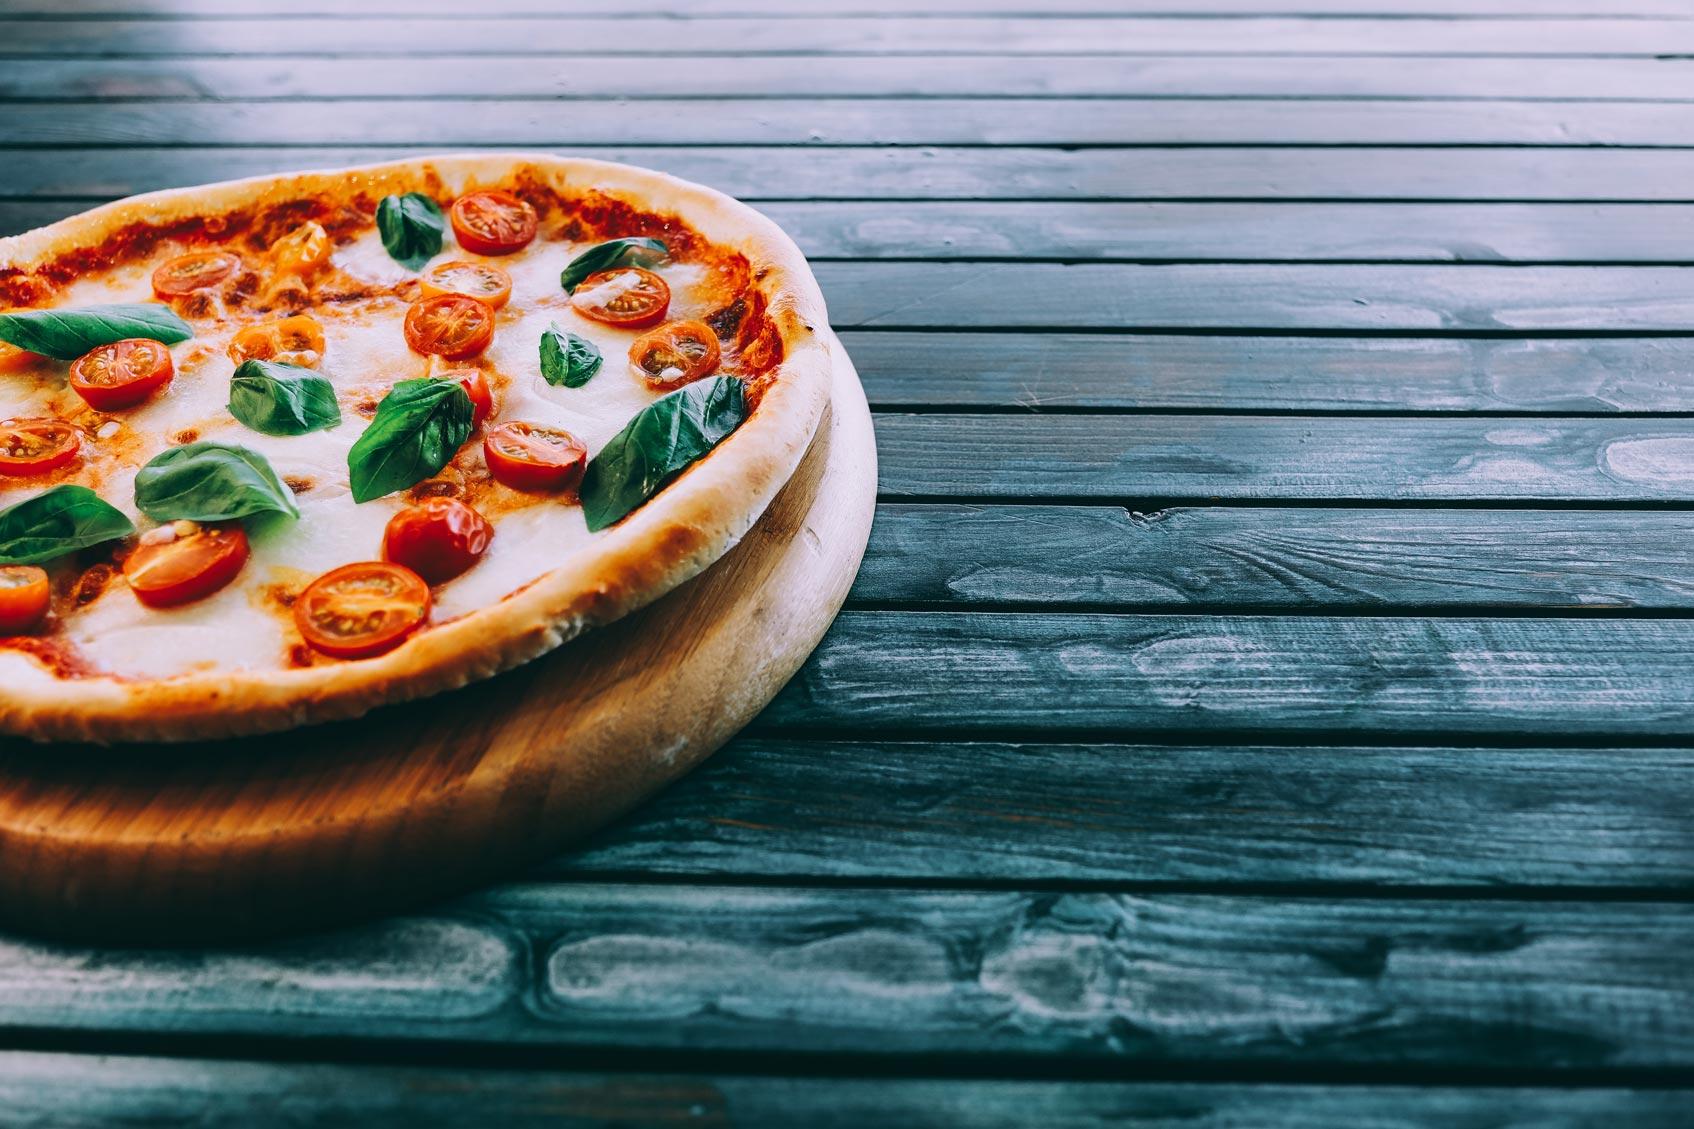 где в москве есть пиццу